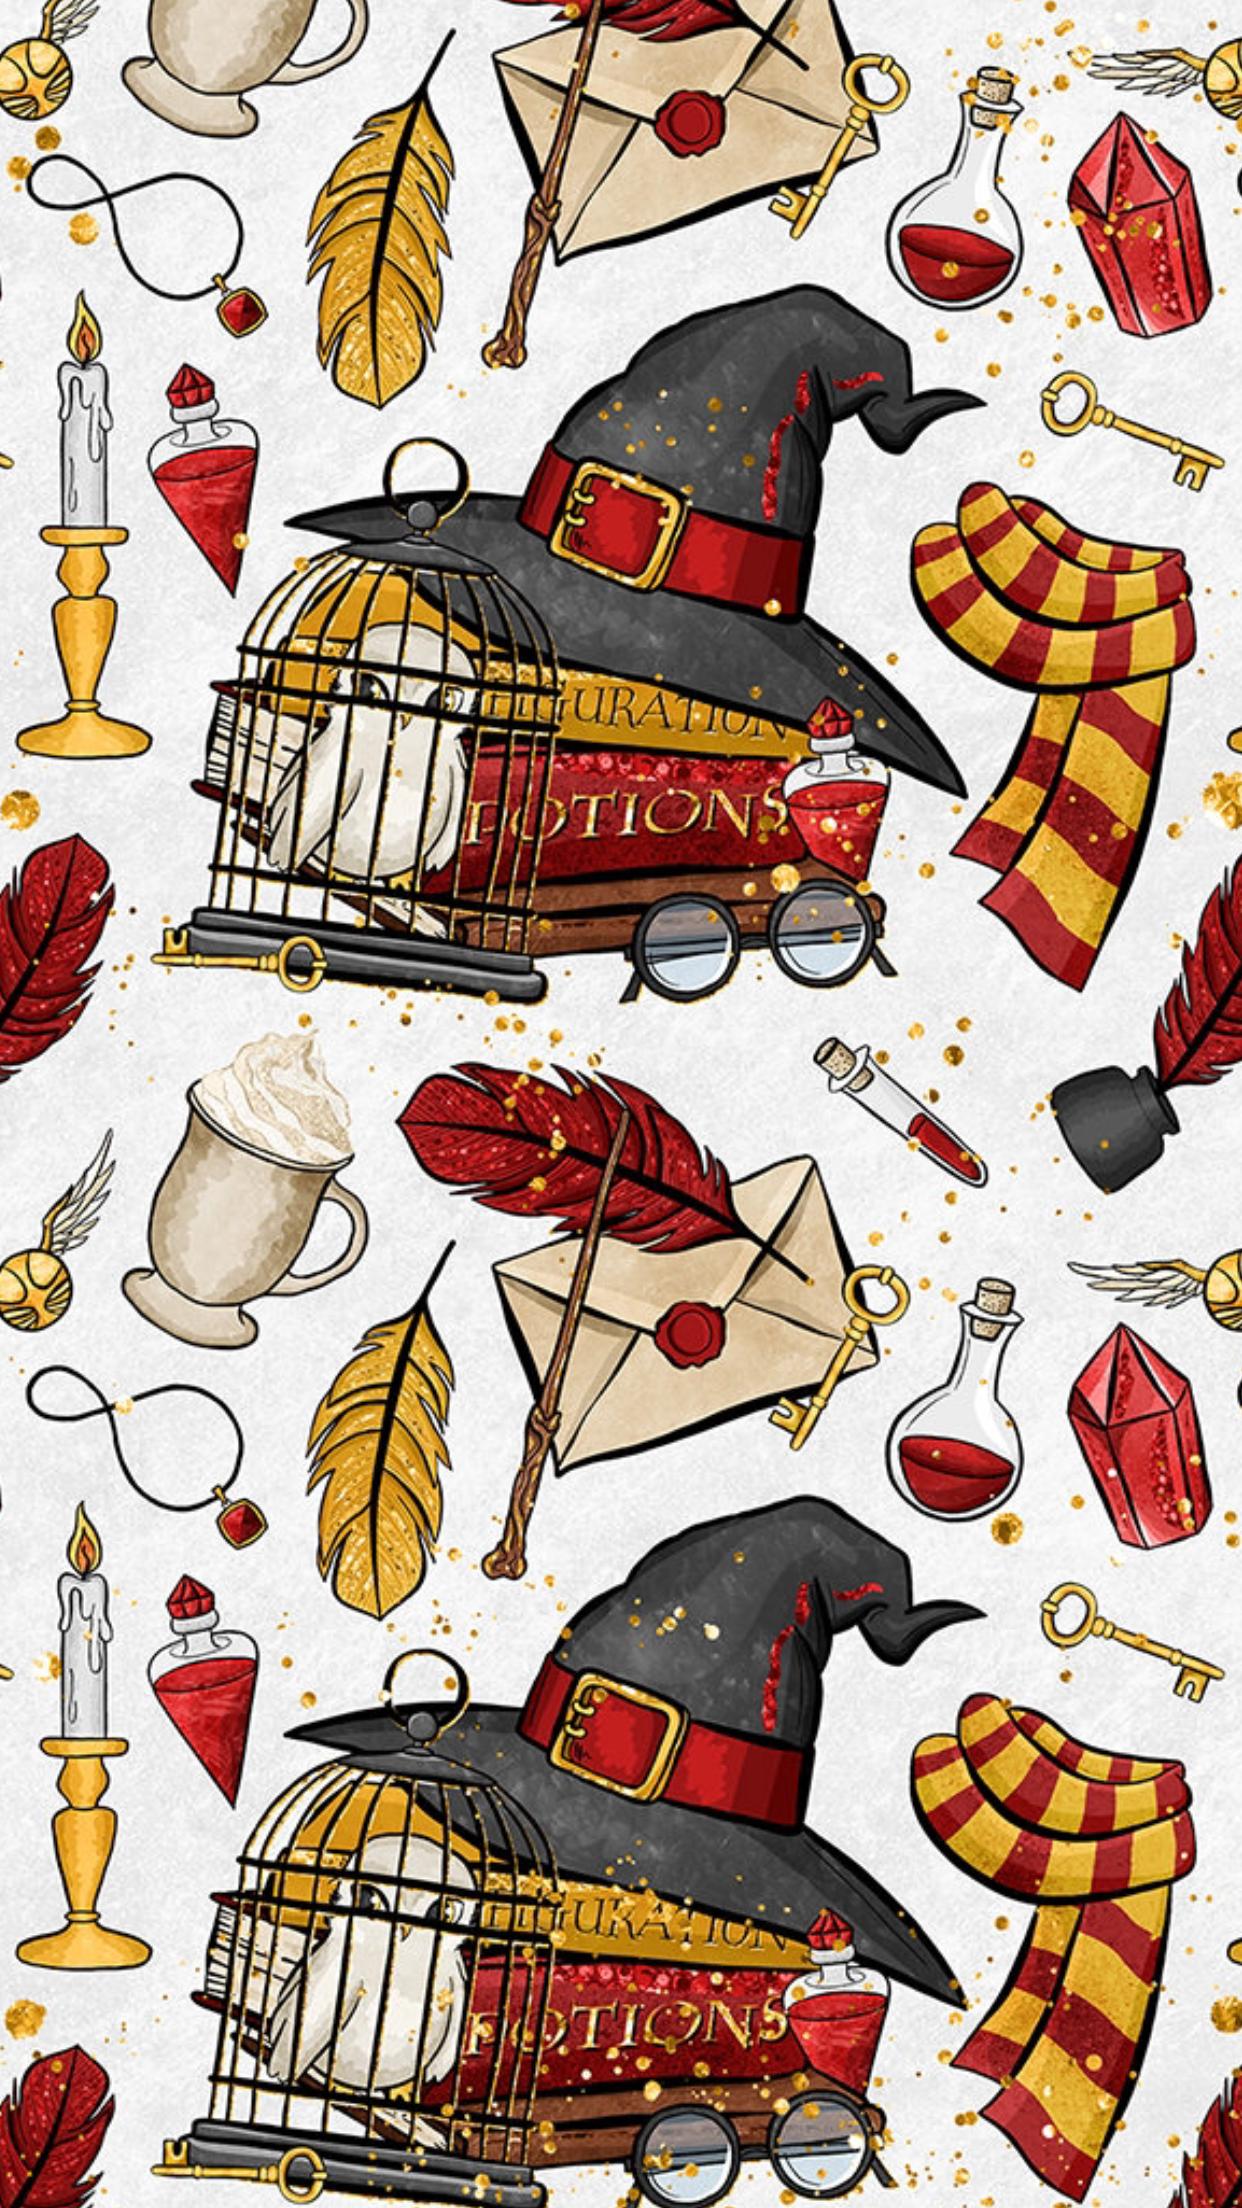 Https I Pinimg Com Originals 91 21 34 9121340db40561b9fadecf933adf664c Png Imagens Harry Potter Harry Potter Itens Wallpaper Harry Potter